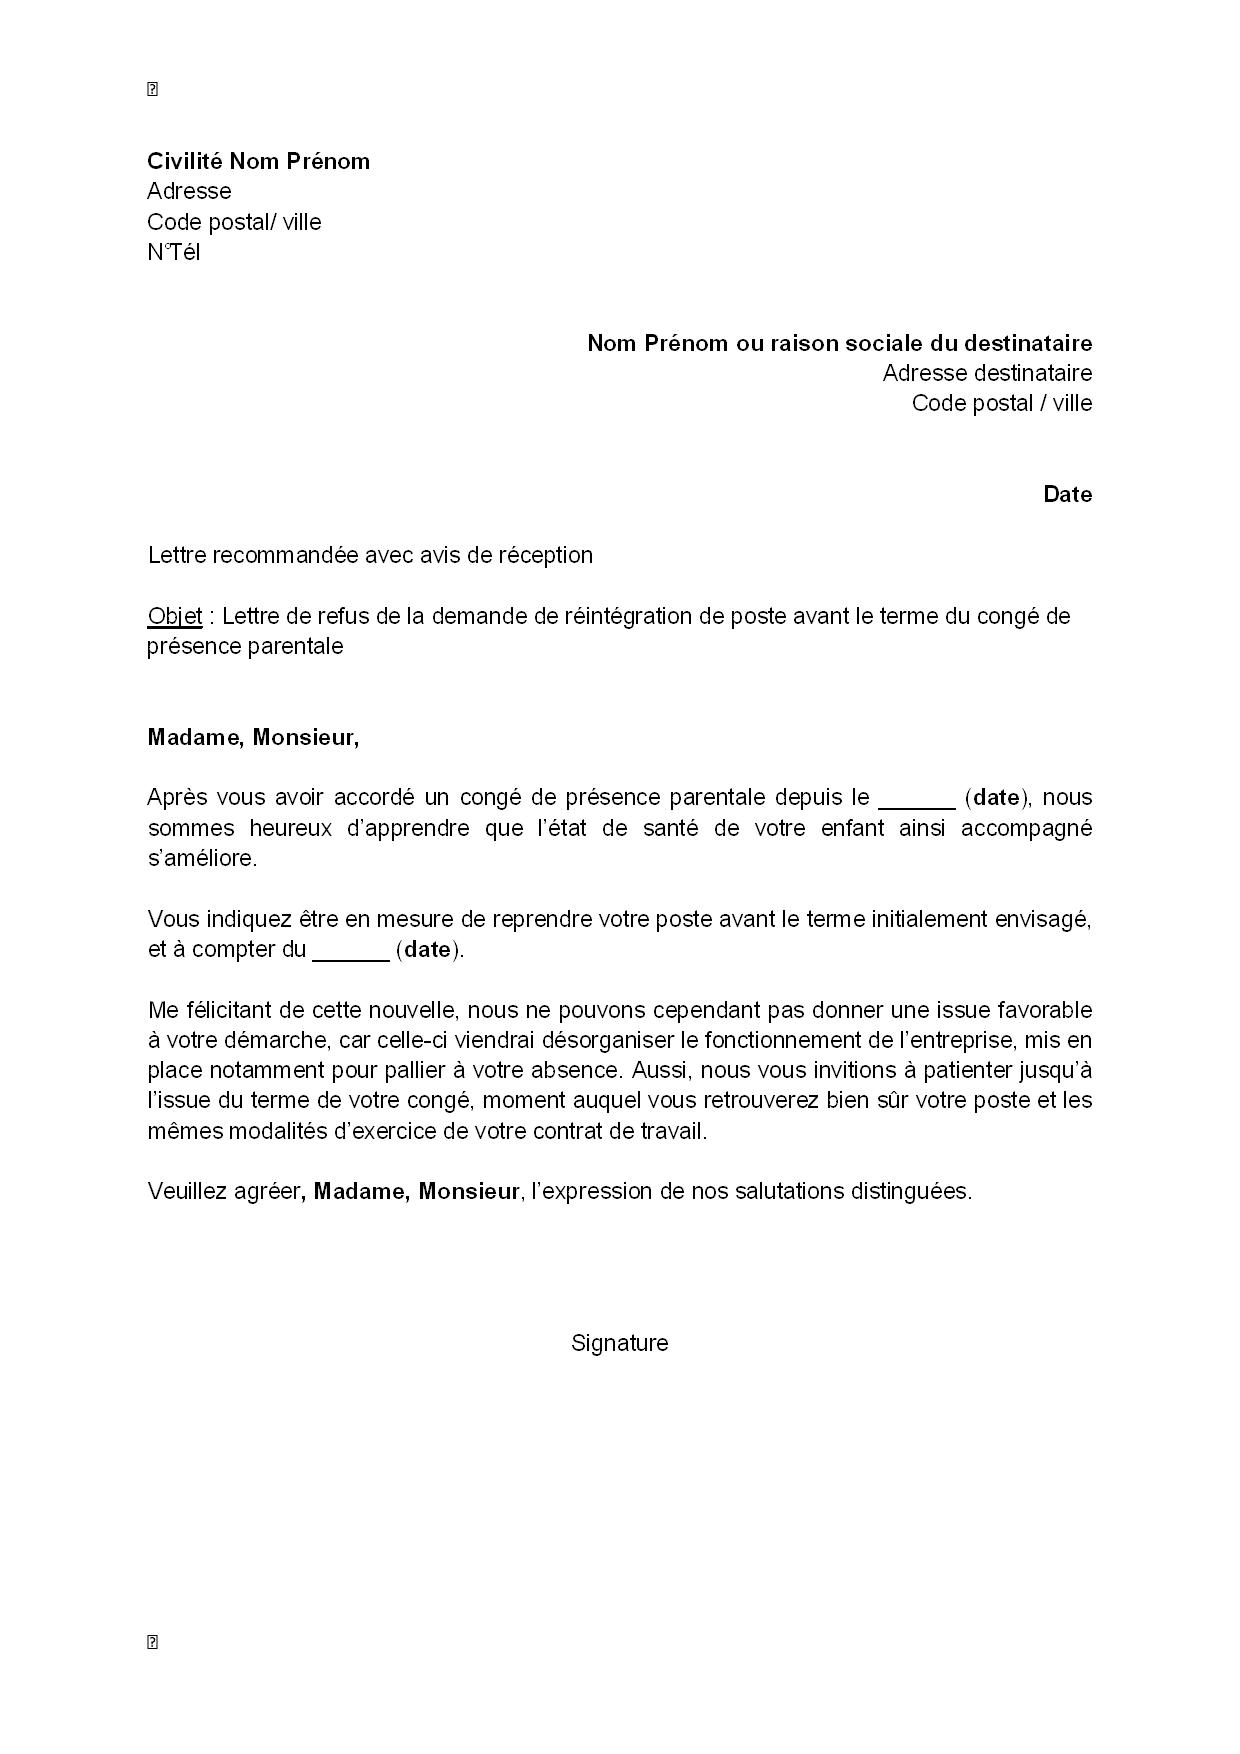 lettre de refus  par l u0026 39 employeur  de la demande de